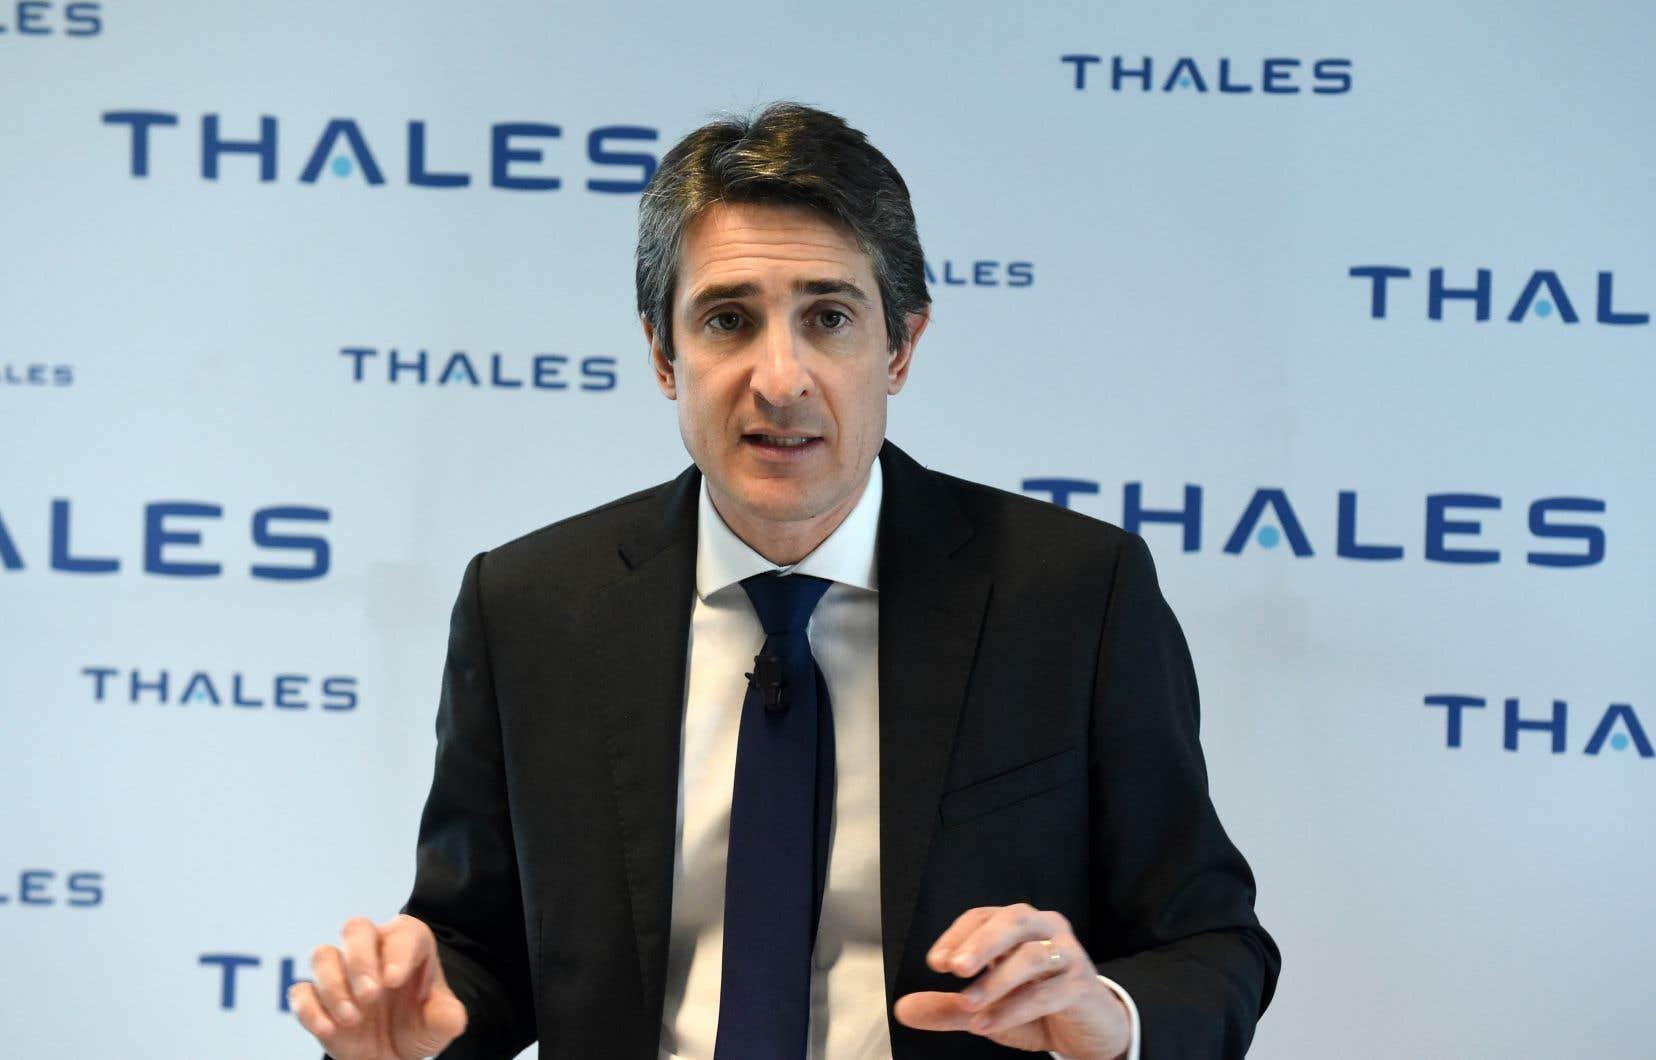 Le président-directeur général du groupe français Thales, Patrice Caine, a insisté sur l'importance d'adopter des lois et des règlements pour baliser le développement de l'intelligence artificielle.